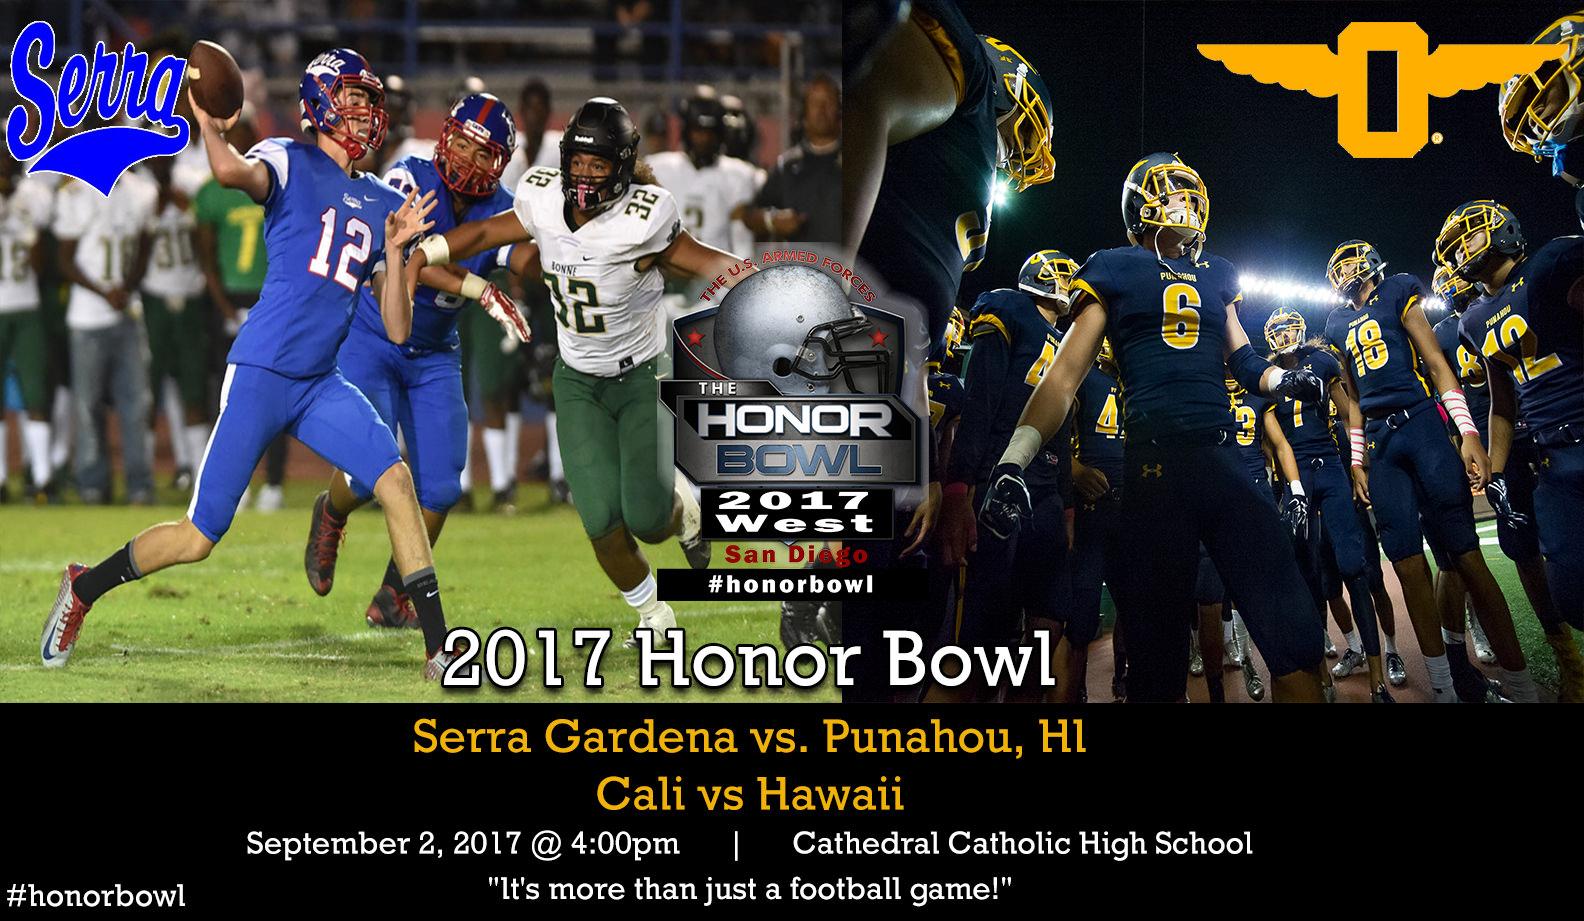 Game Four: Serra Gardena vs. Punahou School